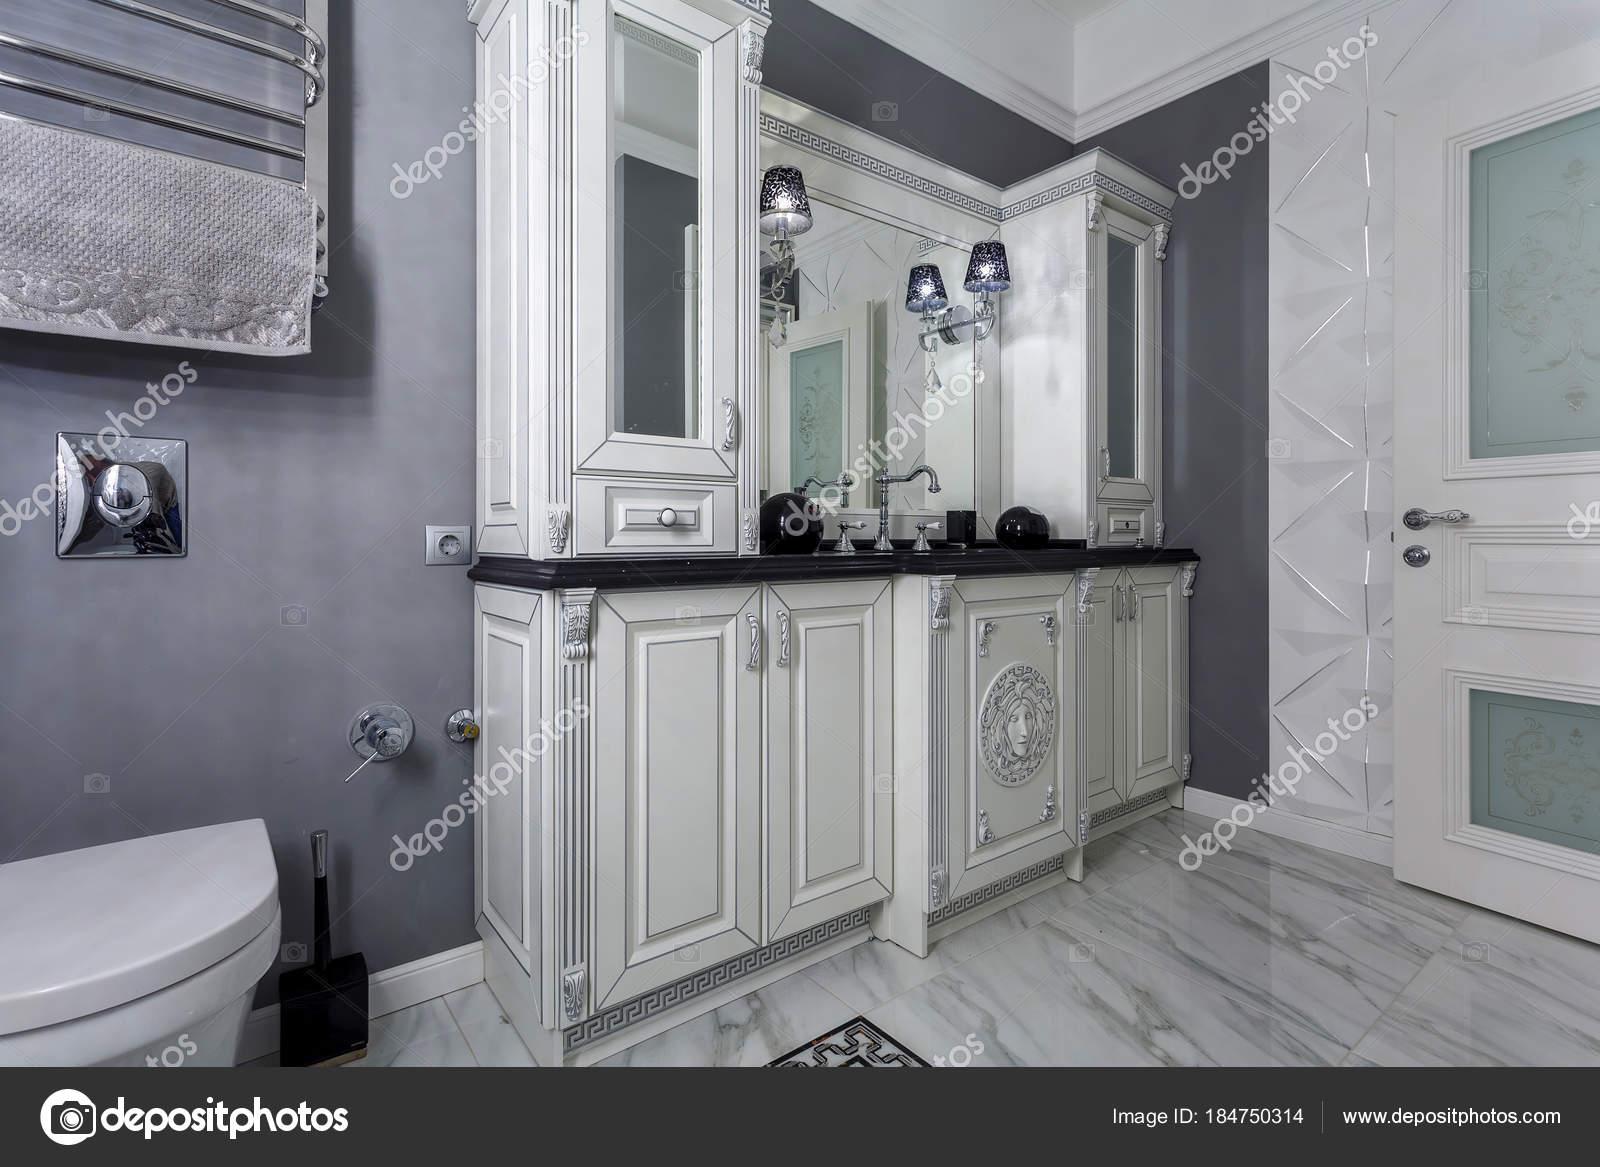 Design Bagno Classico : Bagno classico con interni dal design minimalistico bianco e grigio